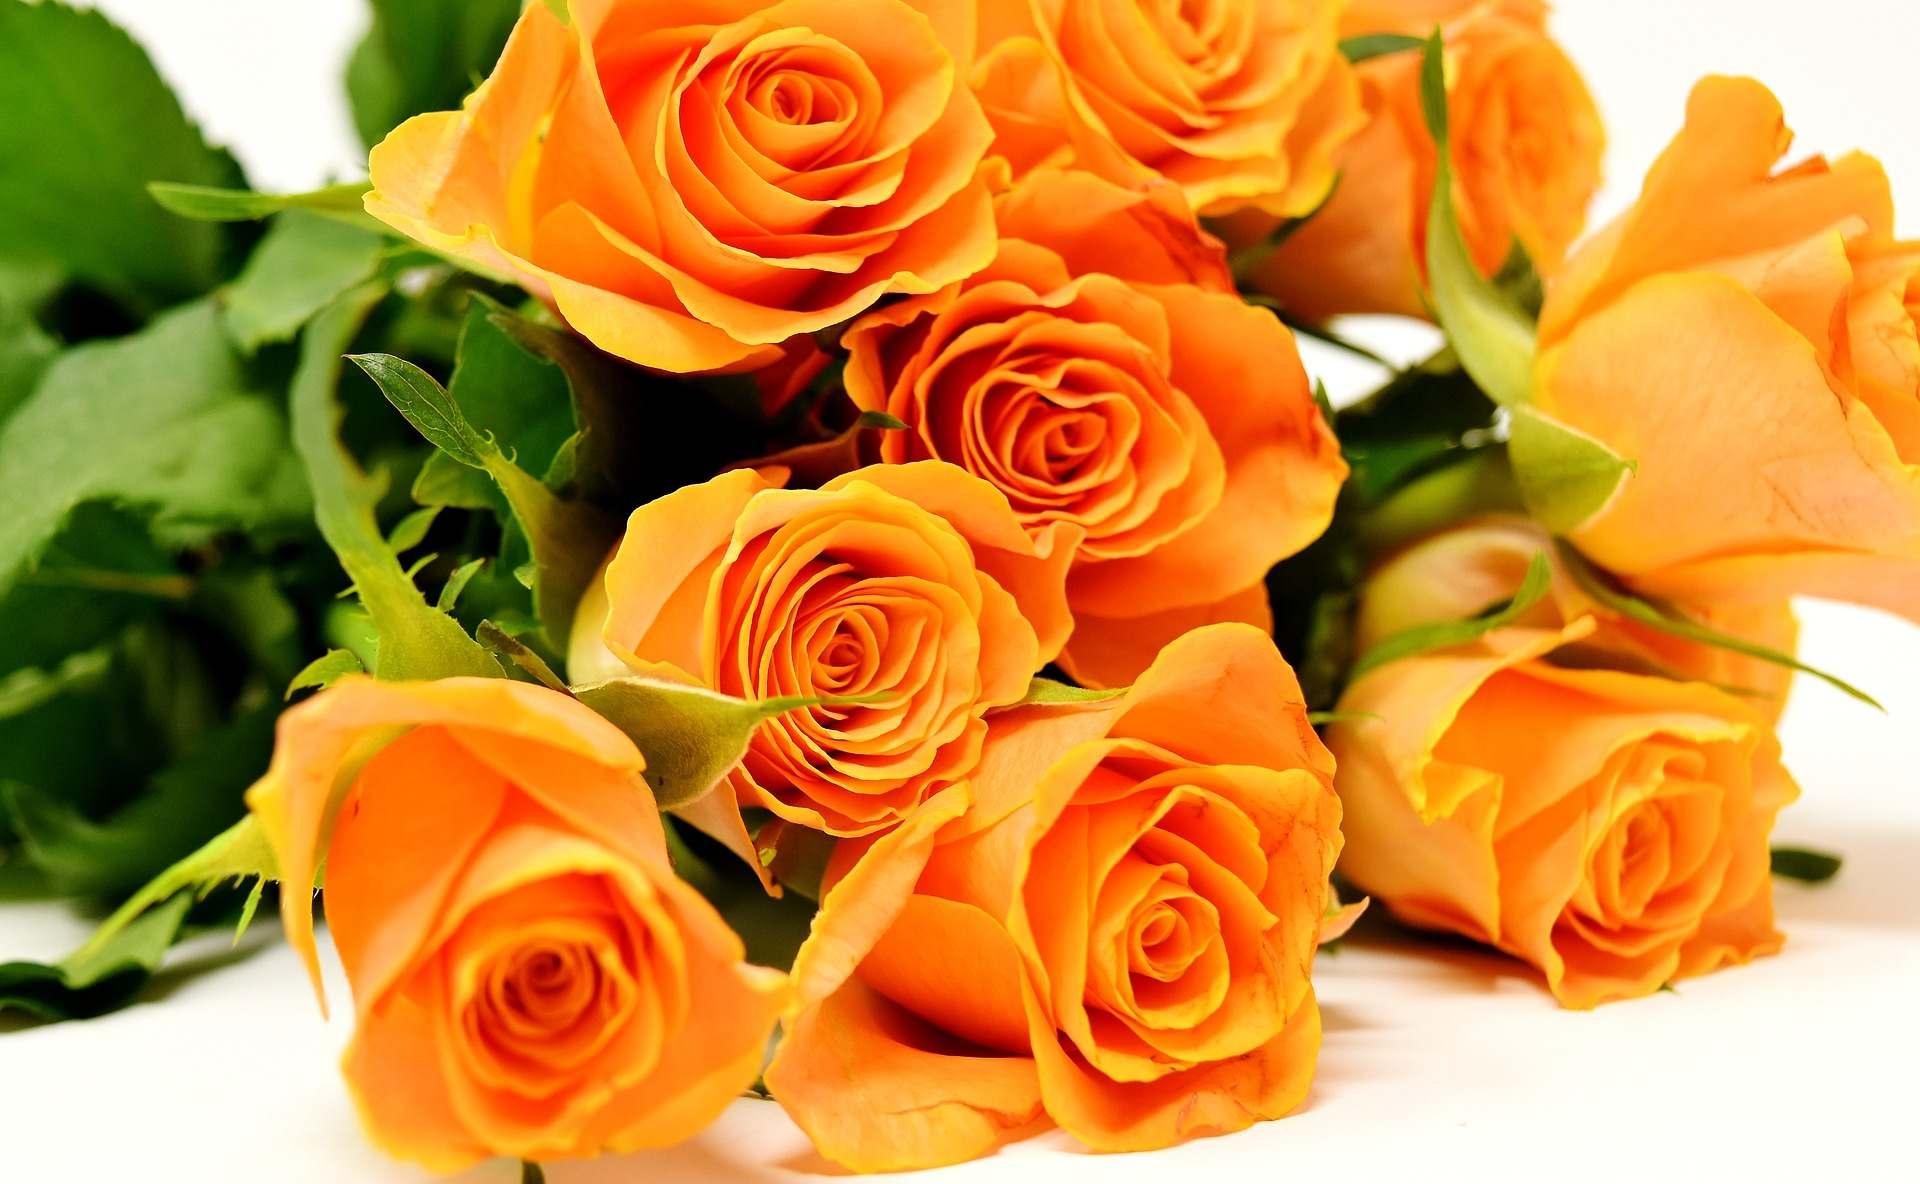 Онлайн поръчка и доставка на красиви цветя и букети